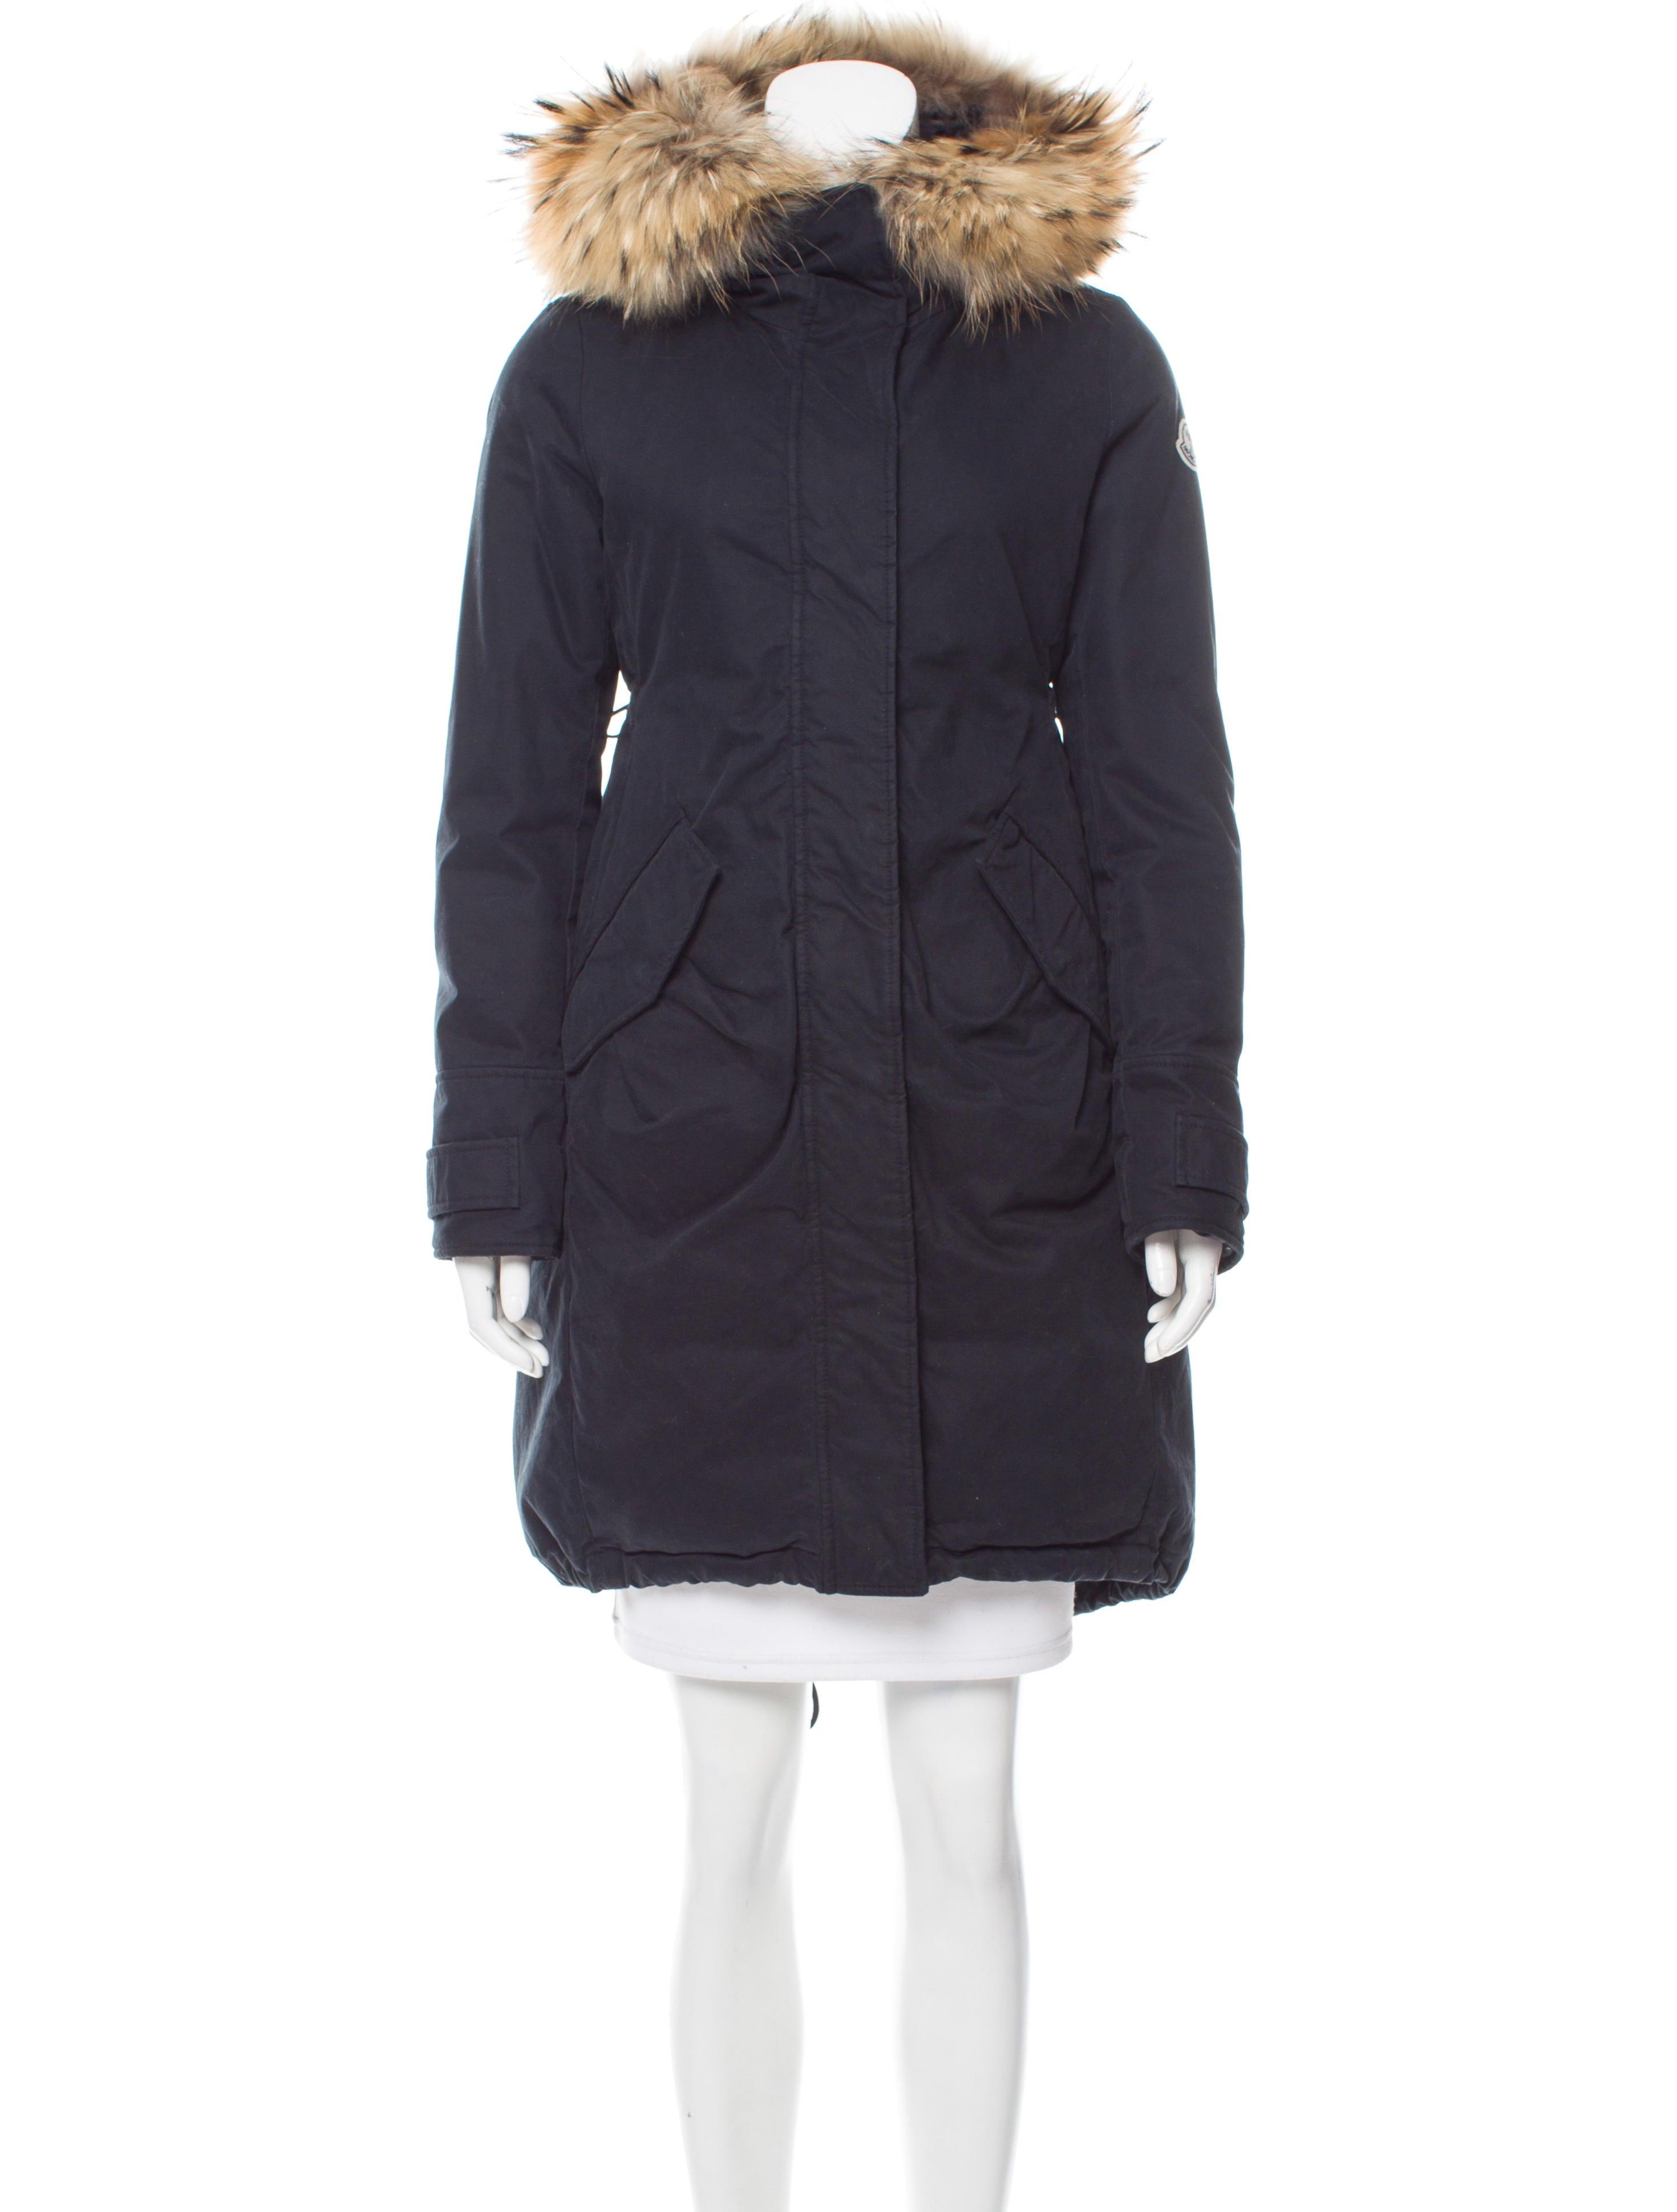 Moncler Evanthia Fur Trimmed Parka Clothing Moc26535